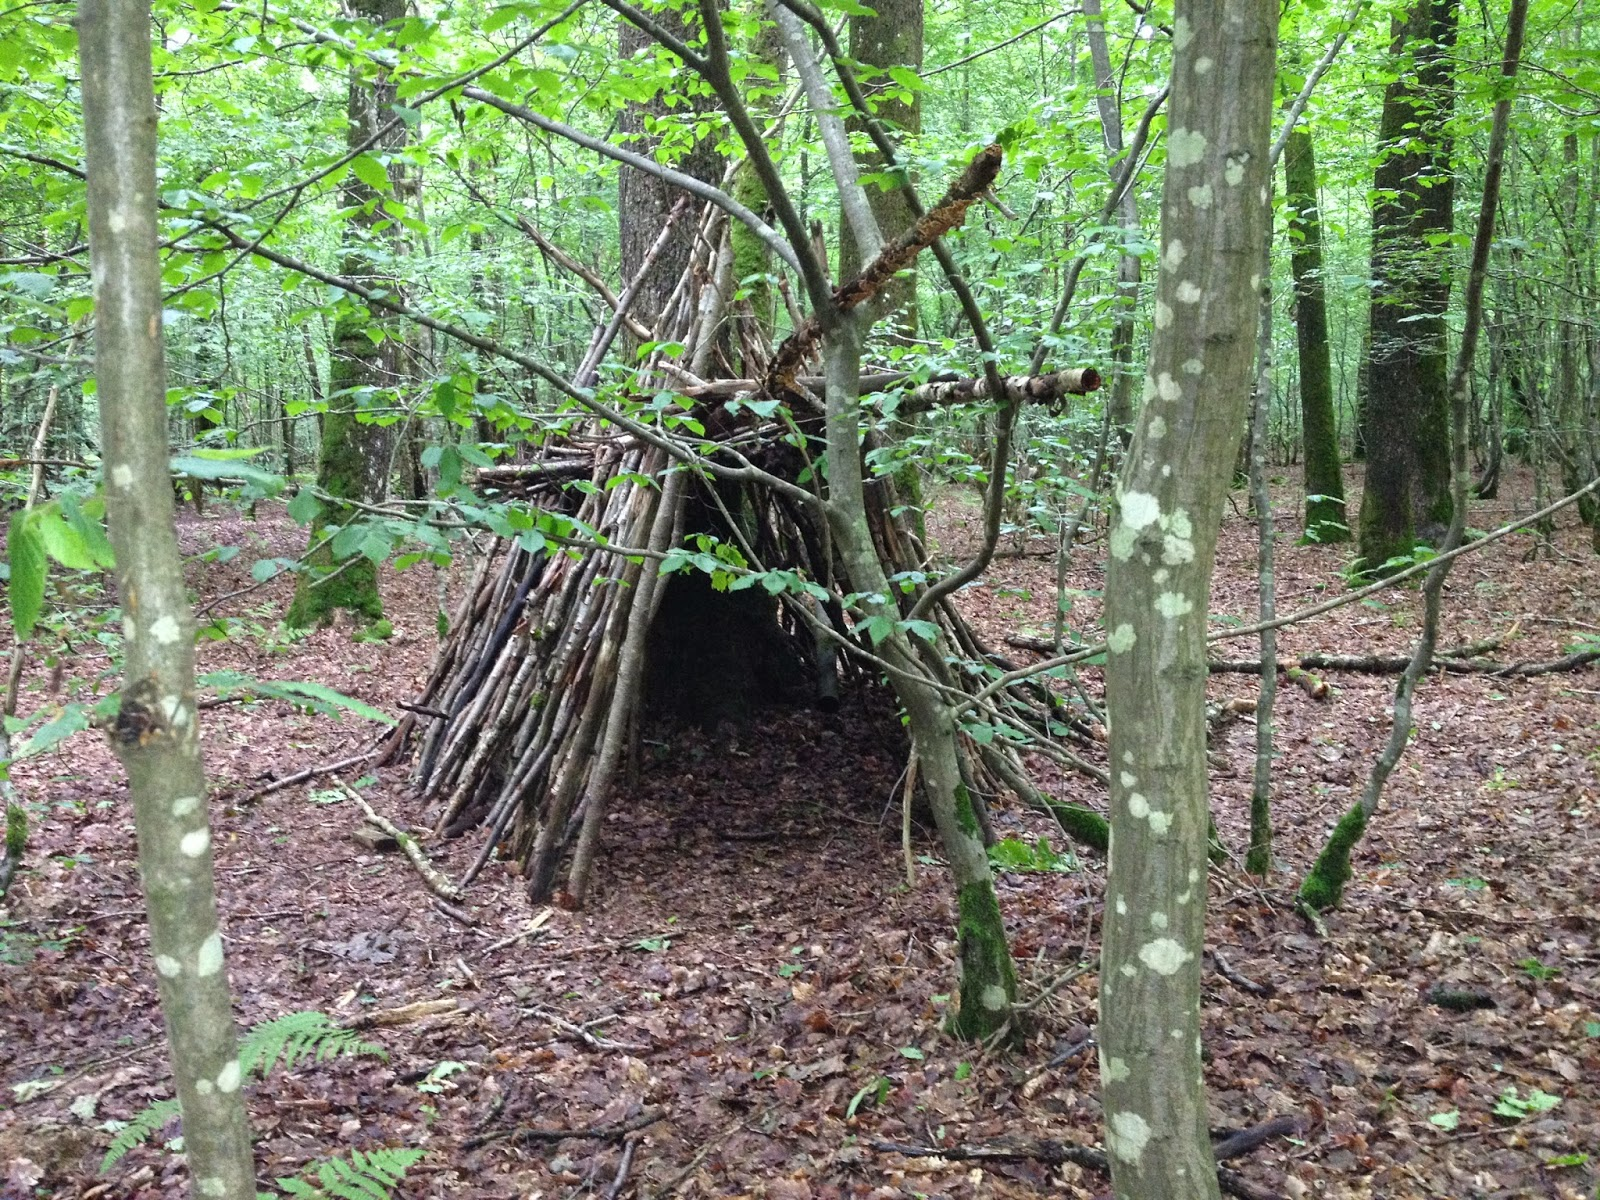 cabane en bois foret great fond dcran fort fentre btiment abandonn branche chalet rural biens. Black Bedroom Furniture Sets. Home Design Ideas